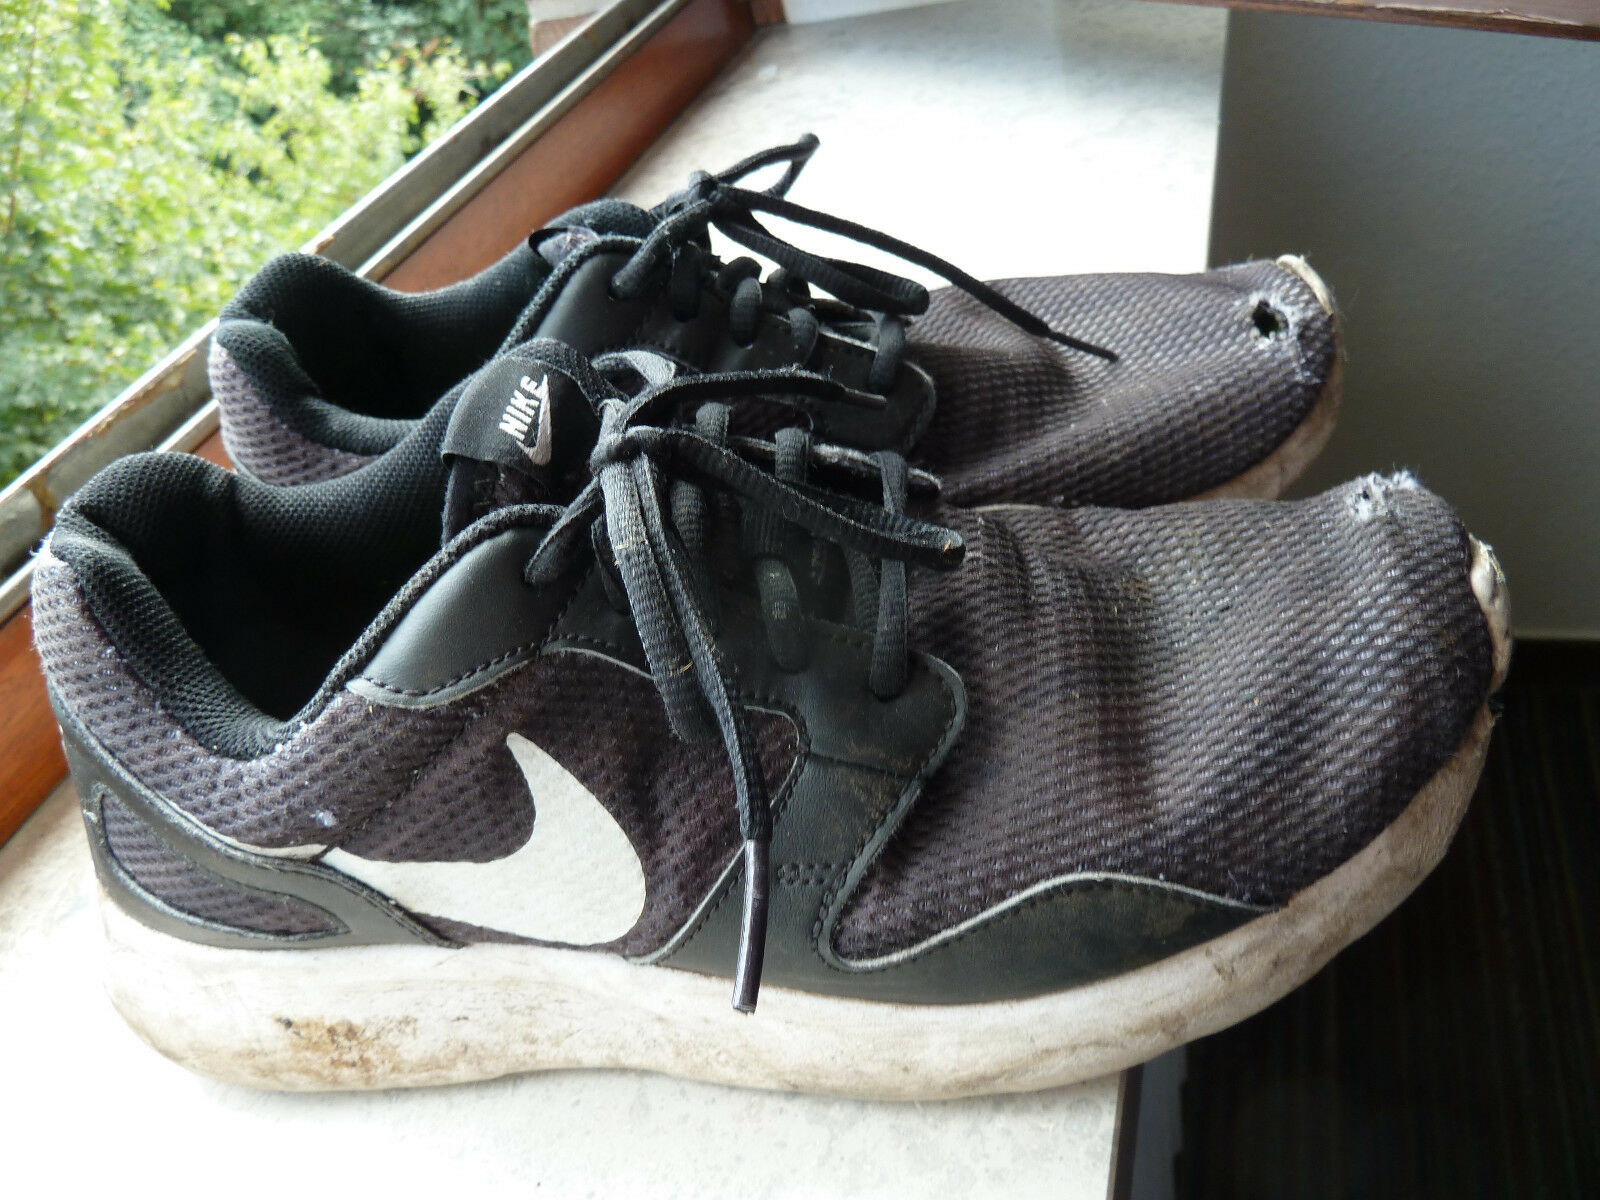 Hummel Sportschuhe Schuhe Sneaker schwarz 44 in Schleswig